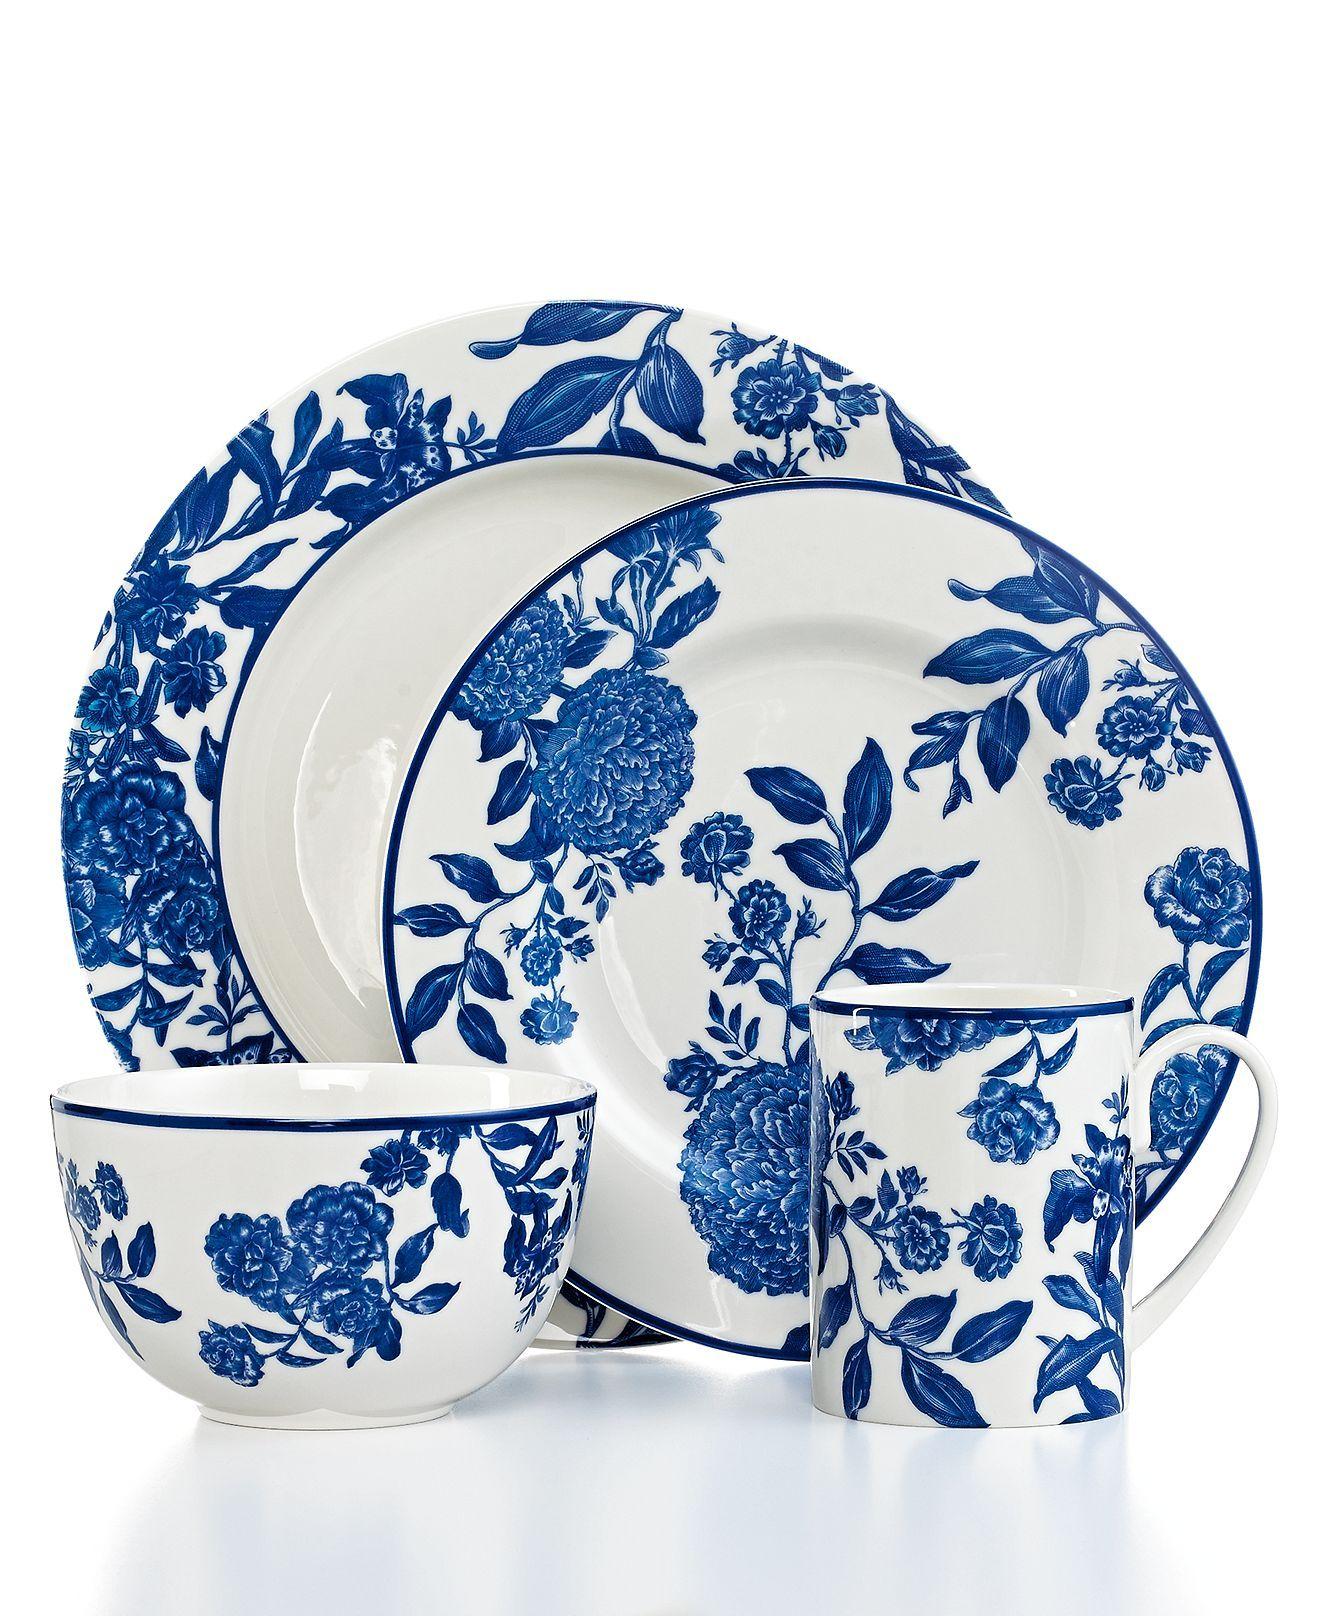 Martha Stewart Collection Orleans Cobalt Casual Dinnerware